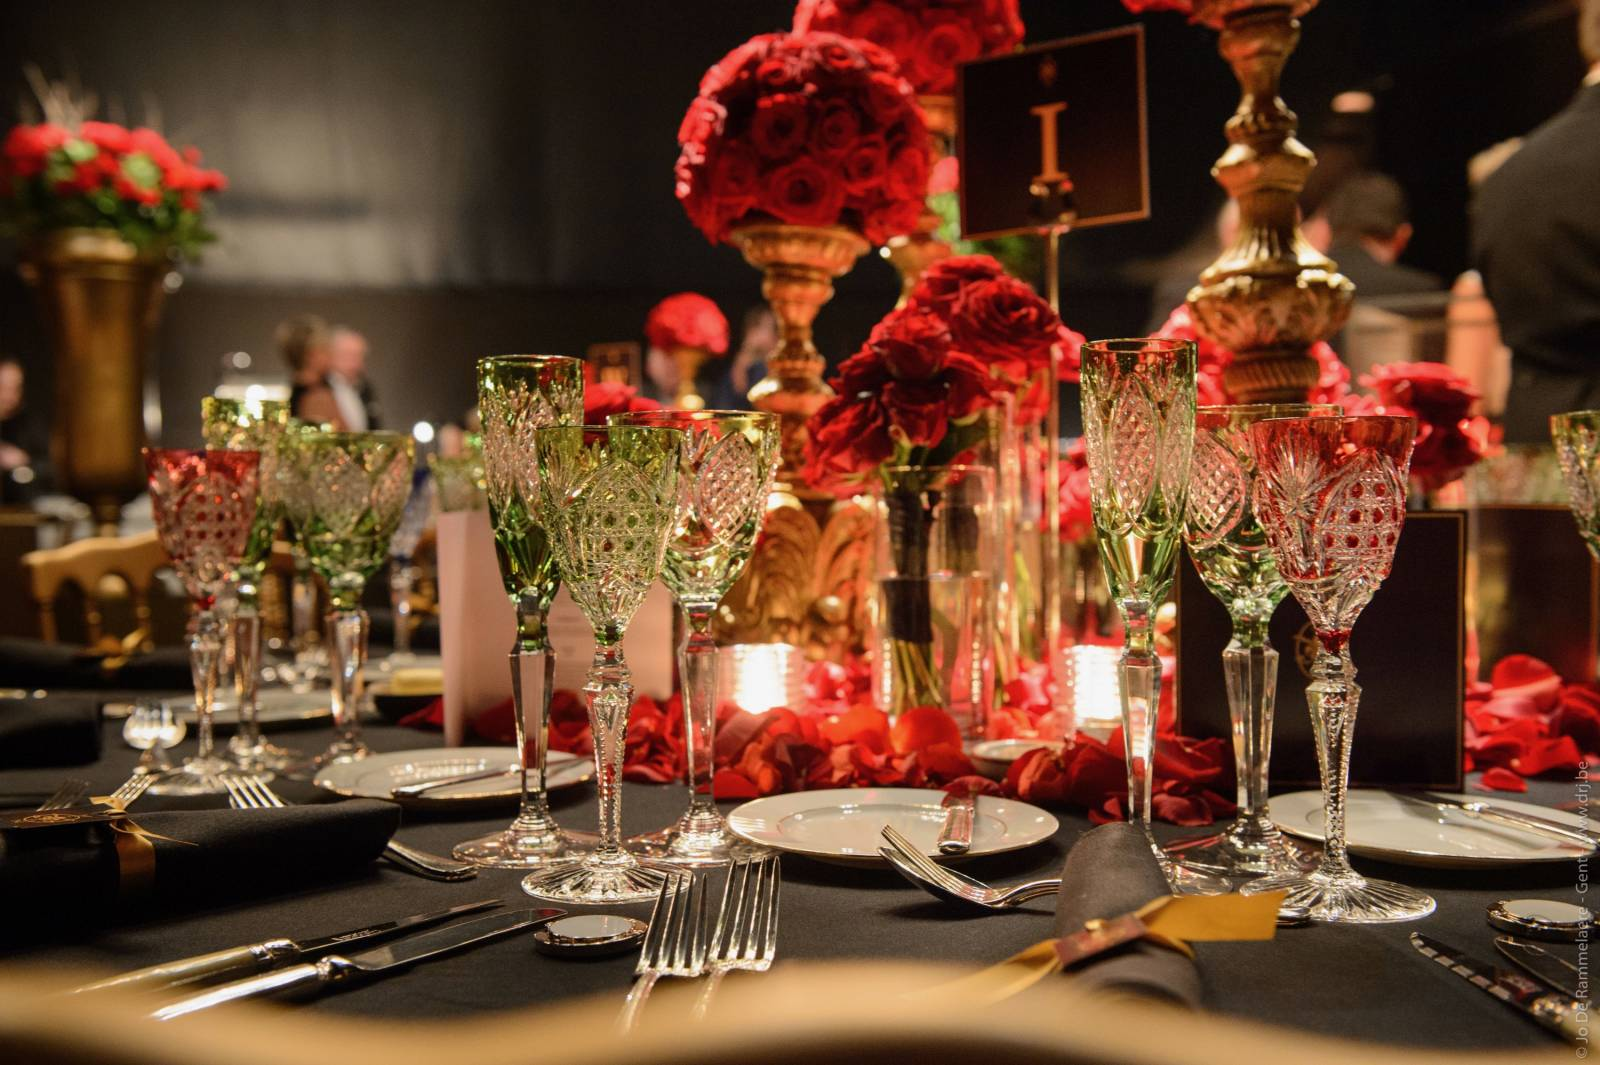 Atelier Ducheyne - Catering - Traiteur - Cateraar - House of Weddings - 3